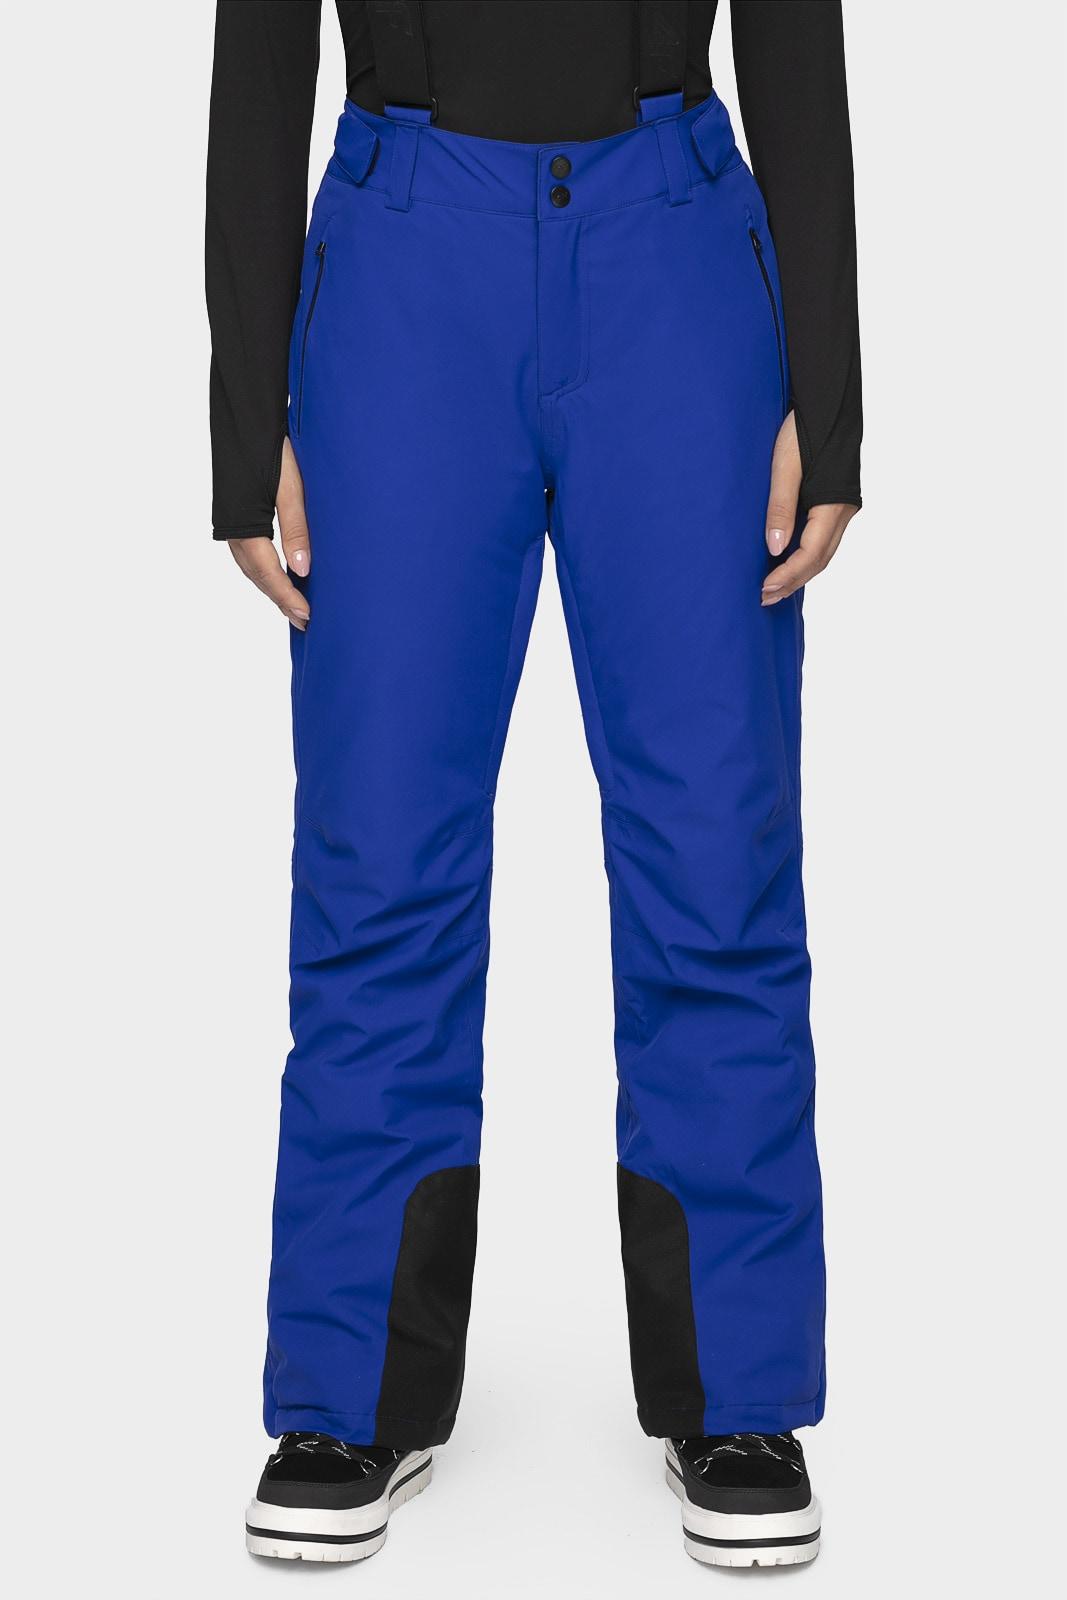 Dámské lyžařské kalhoty -